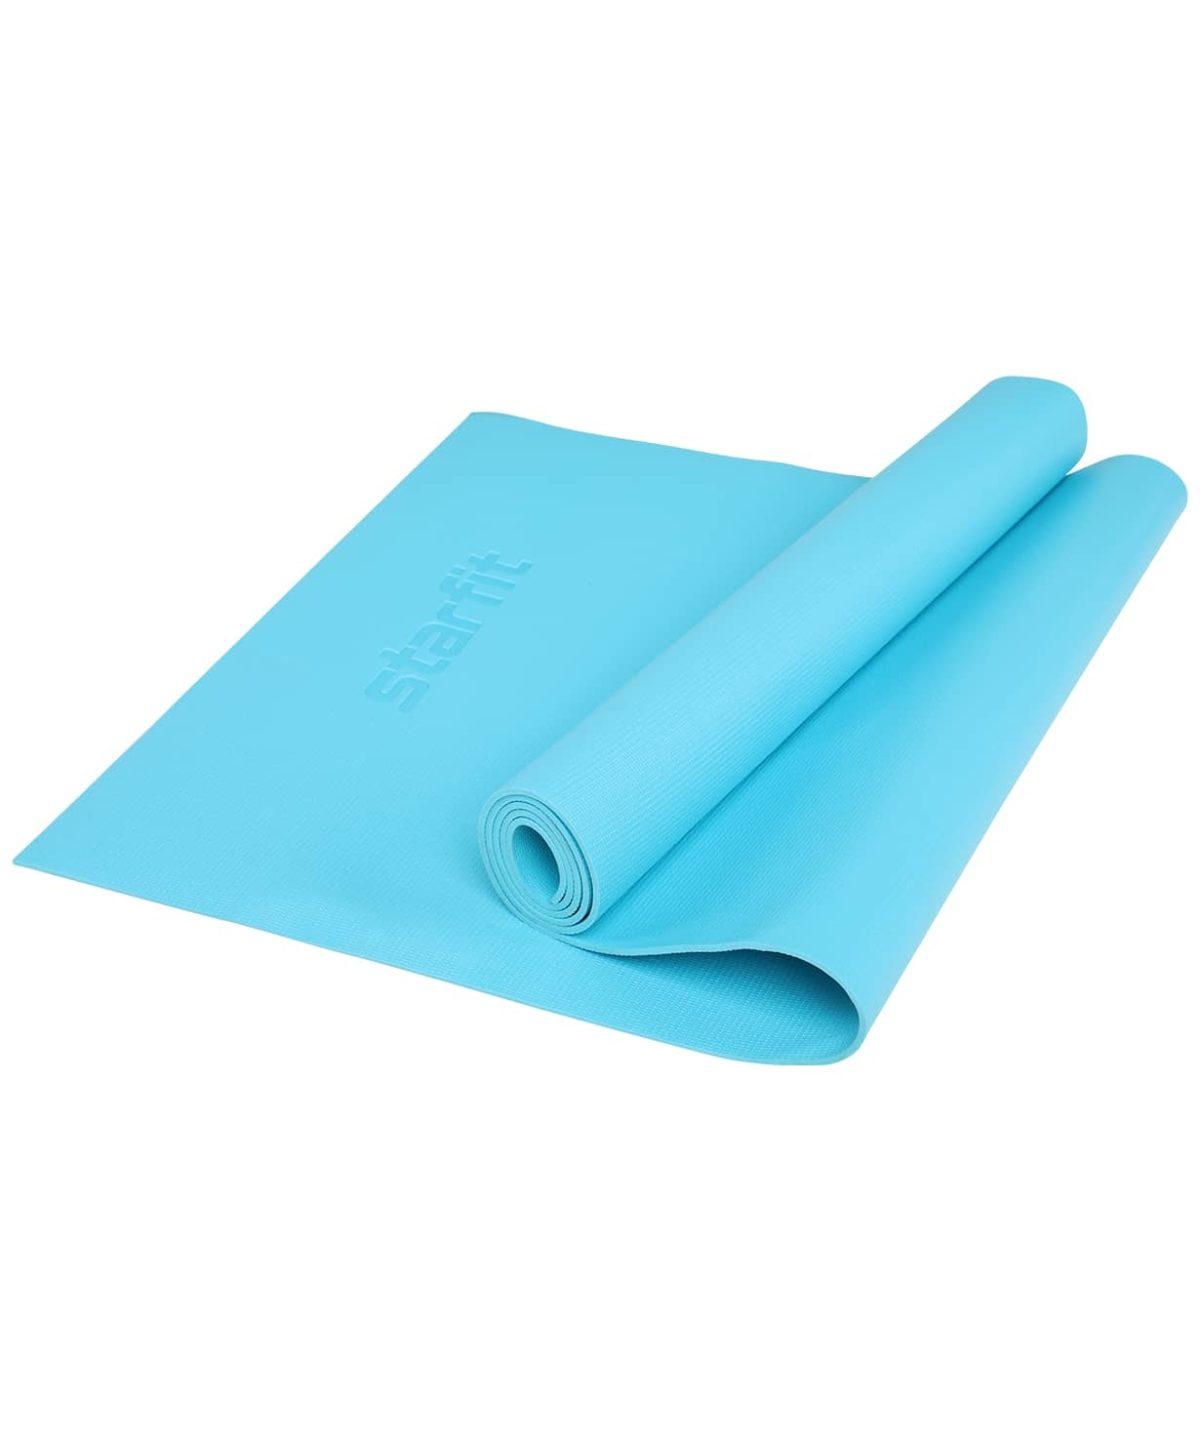 STARFIT Коврик для йоги FM-103 173х61х0,4 см: голубой - 1